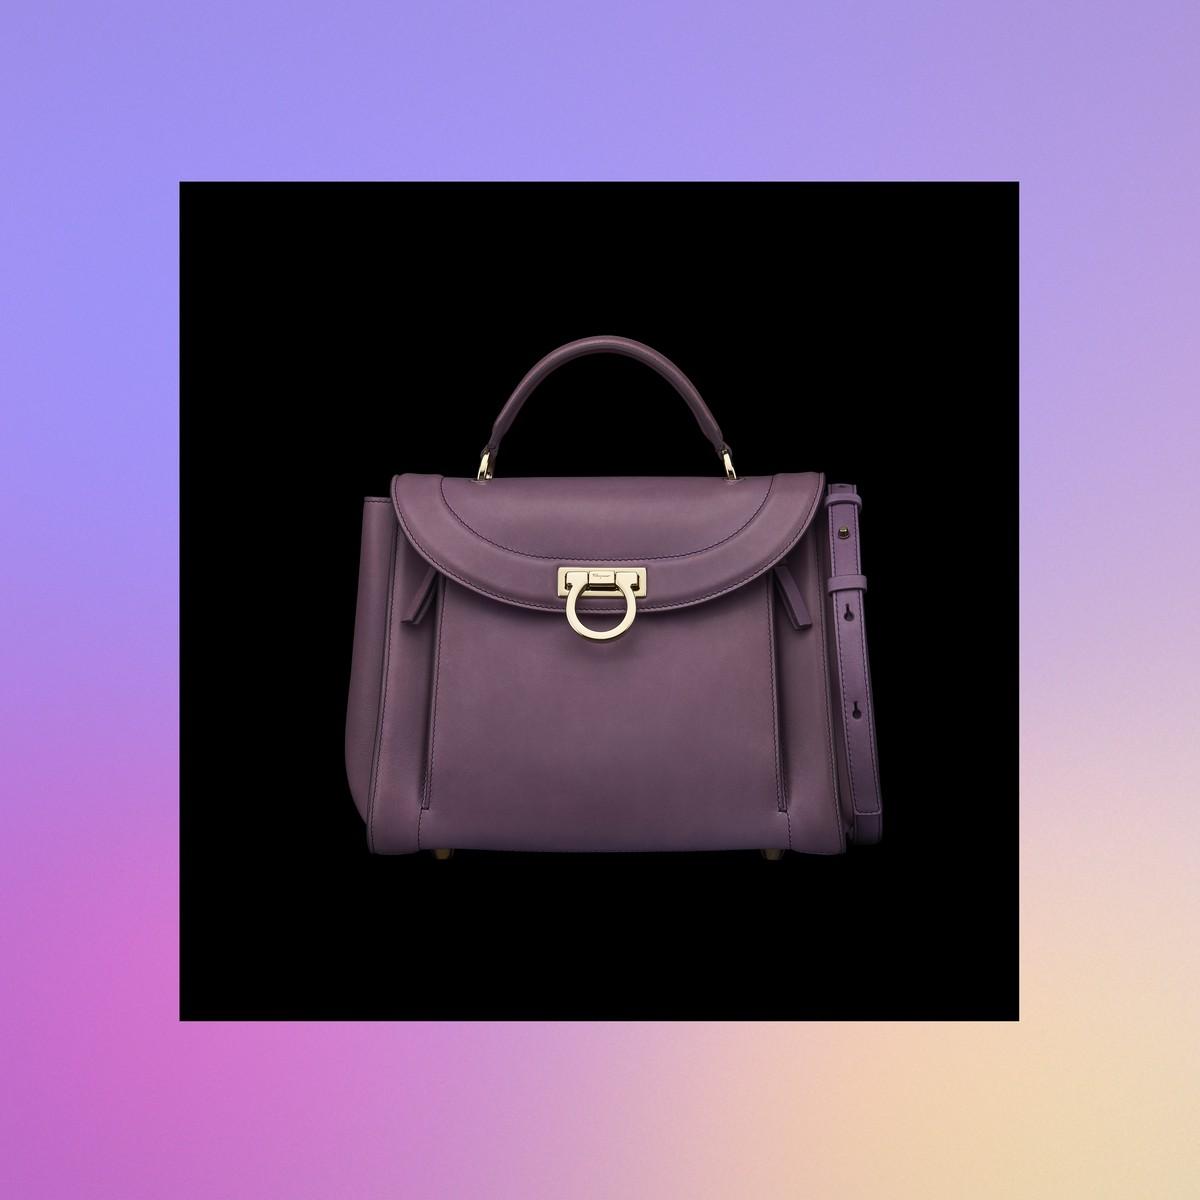 Salvatore Ferragamo presenta Sofia Rainbow, la nuova borsa della stagione Pre-Spring 2018